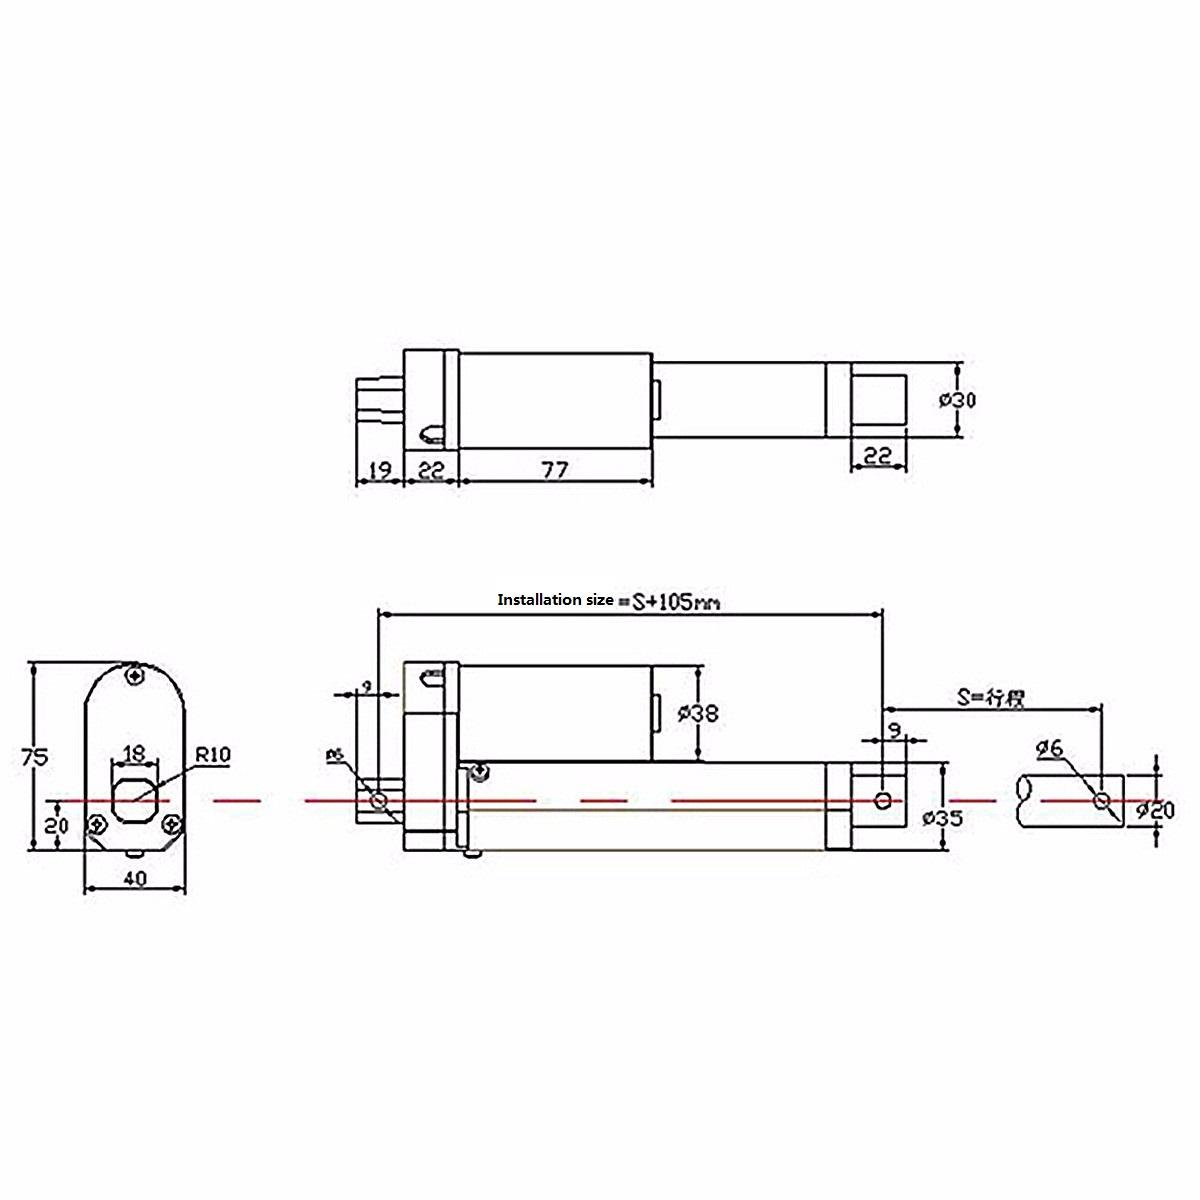 12 Volt Actuator Wiring Diagram